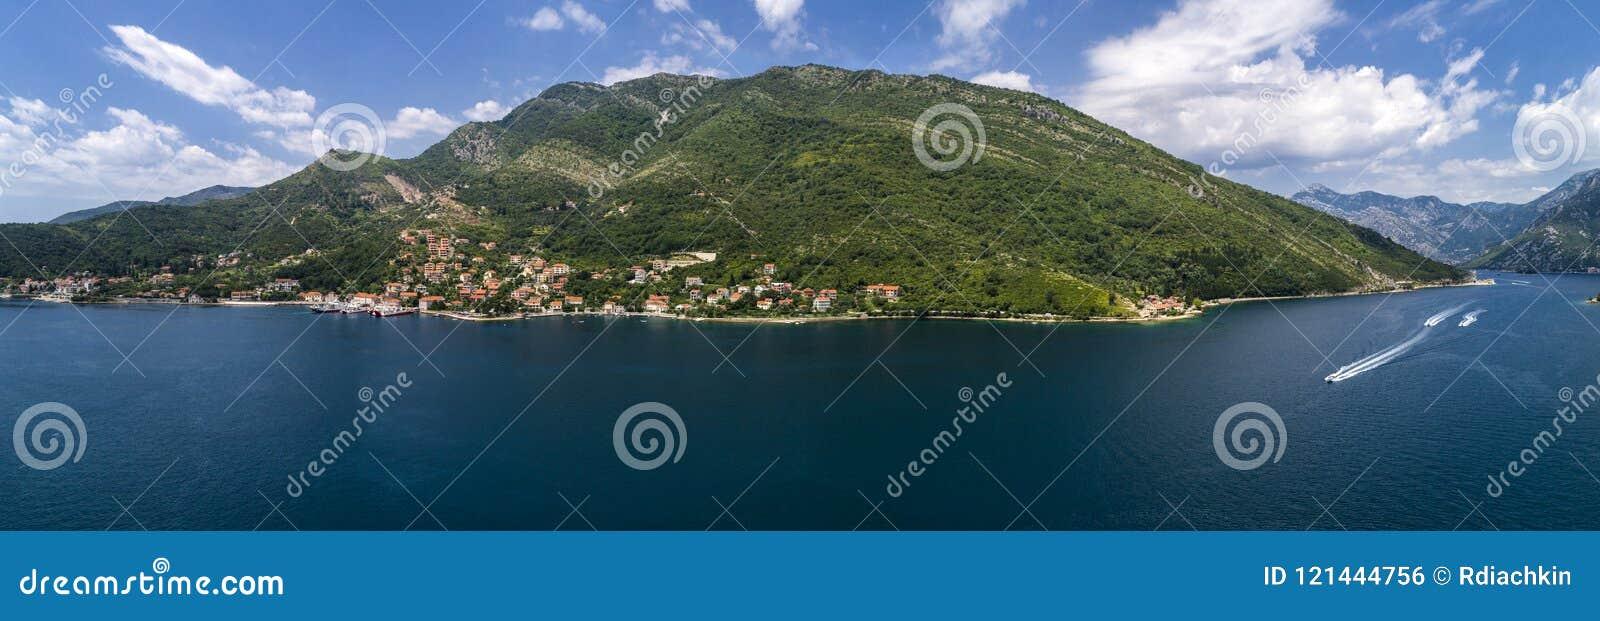 Flyg- panorama- härlig sikt från ovannämnt till den Kotor fjärden och stamgästpassagerarfärjan från Lepetane till Kamenari vid en